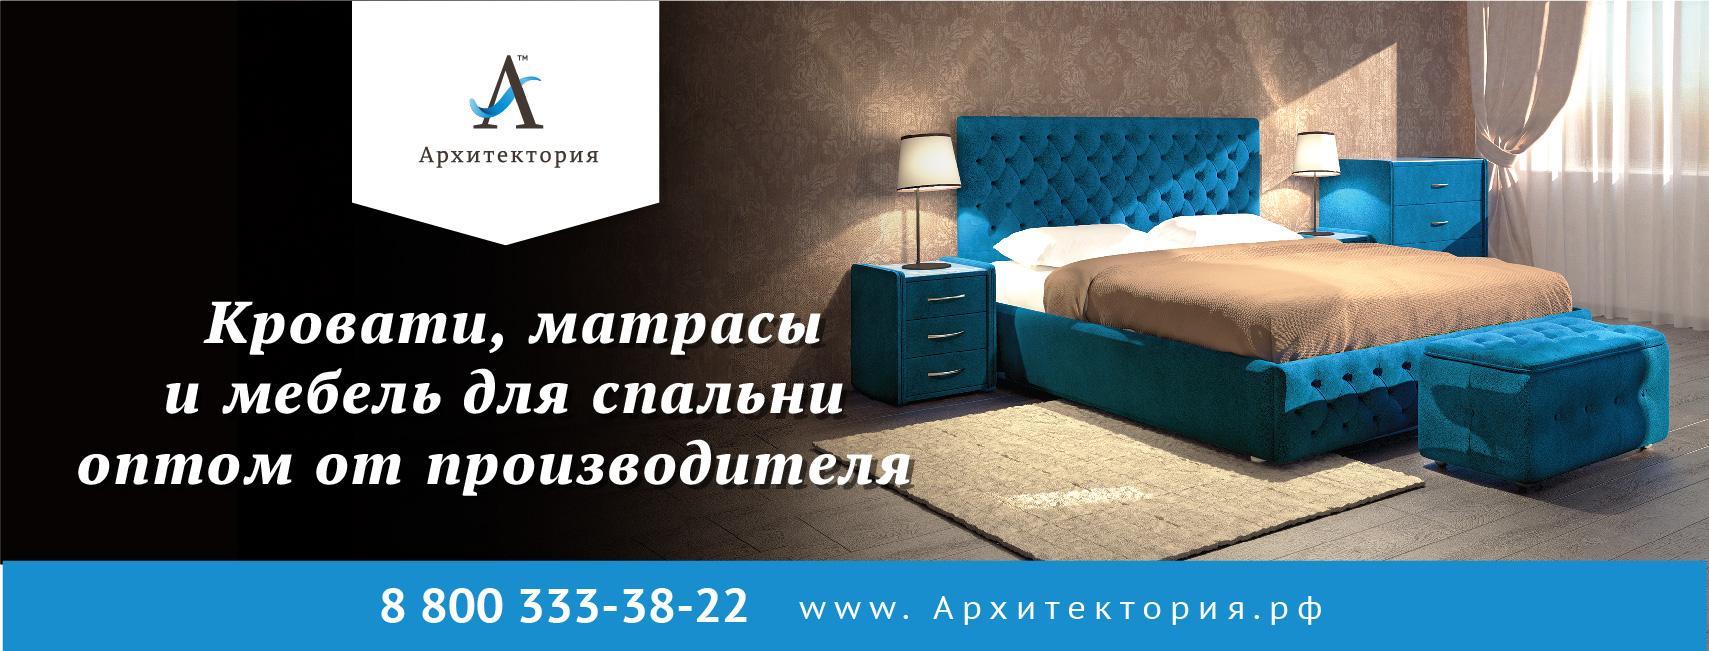 Background-Arhitektoriya.jpg